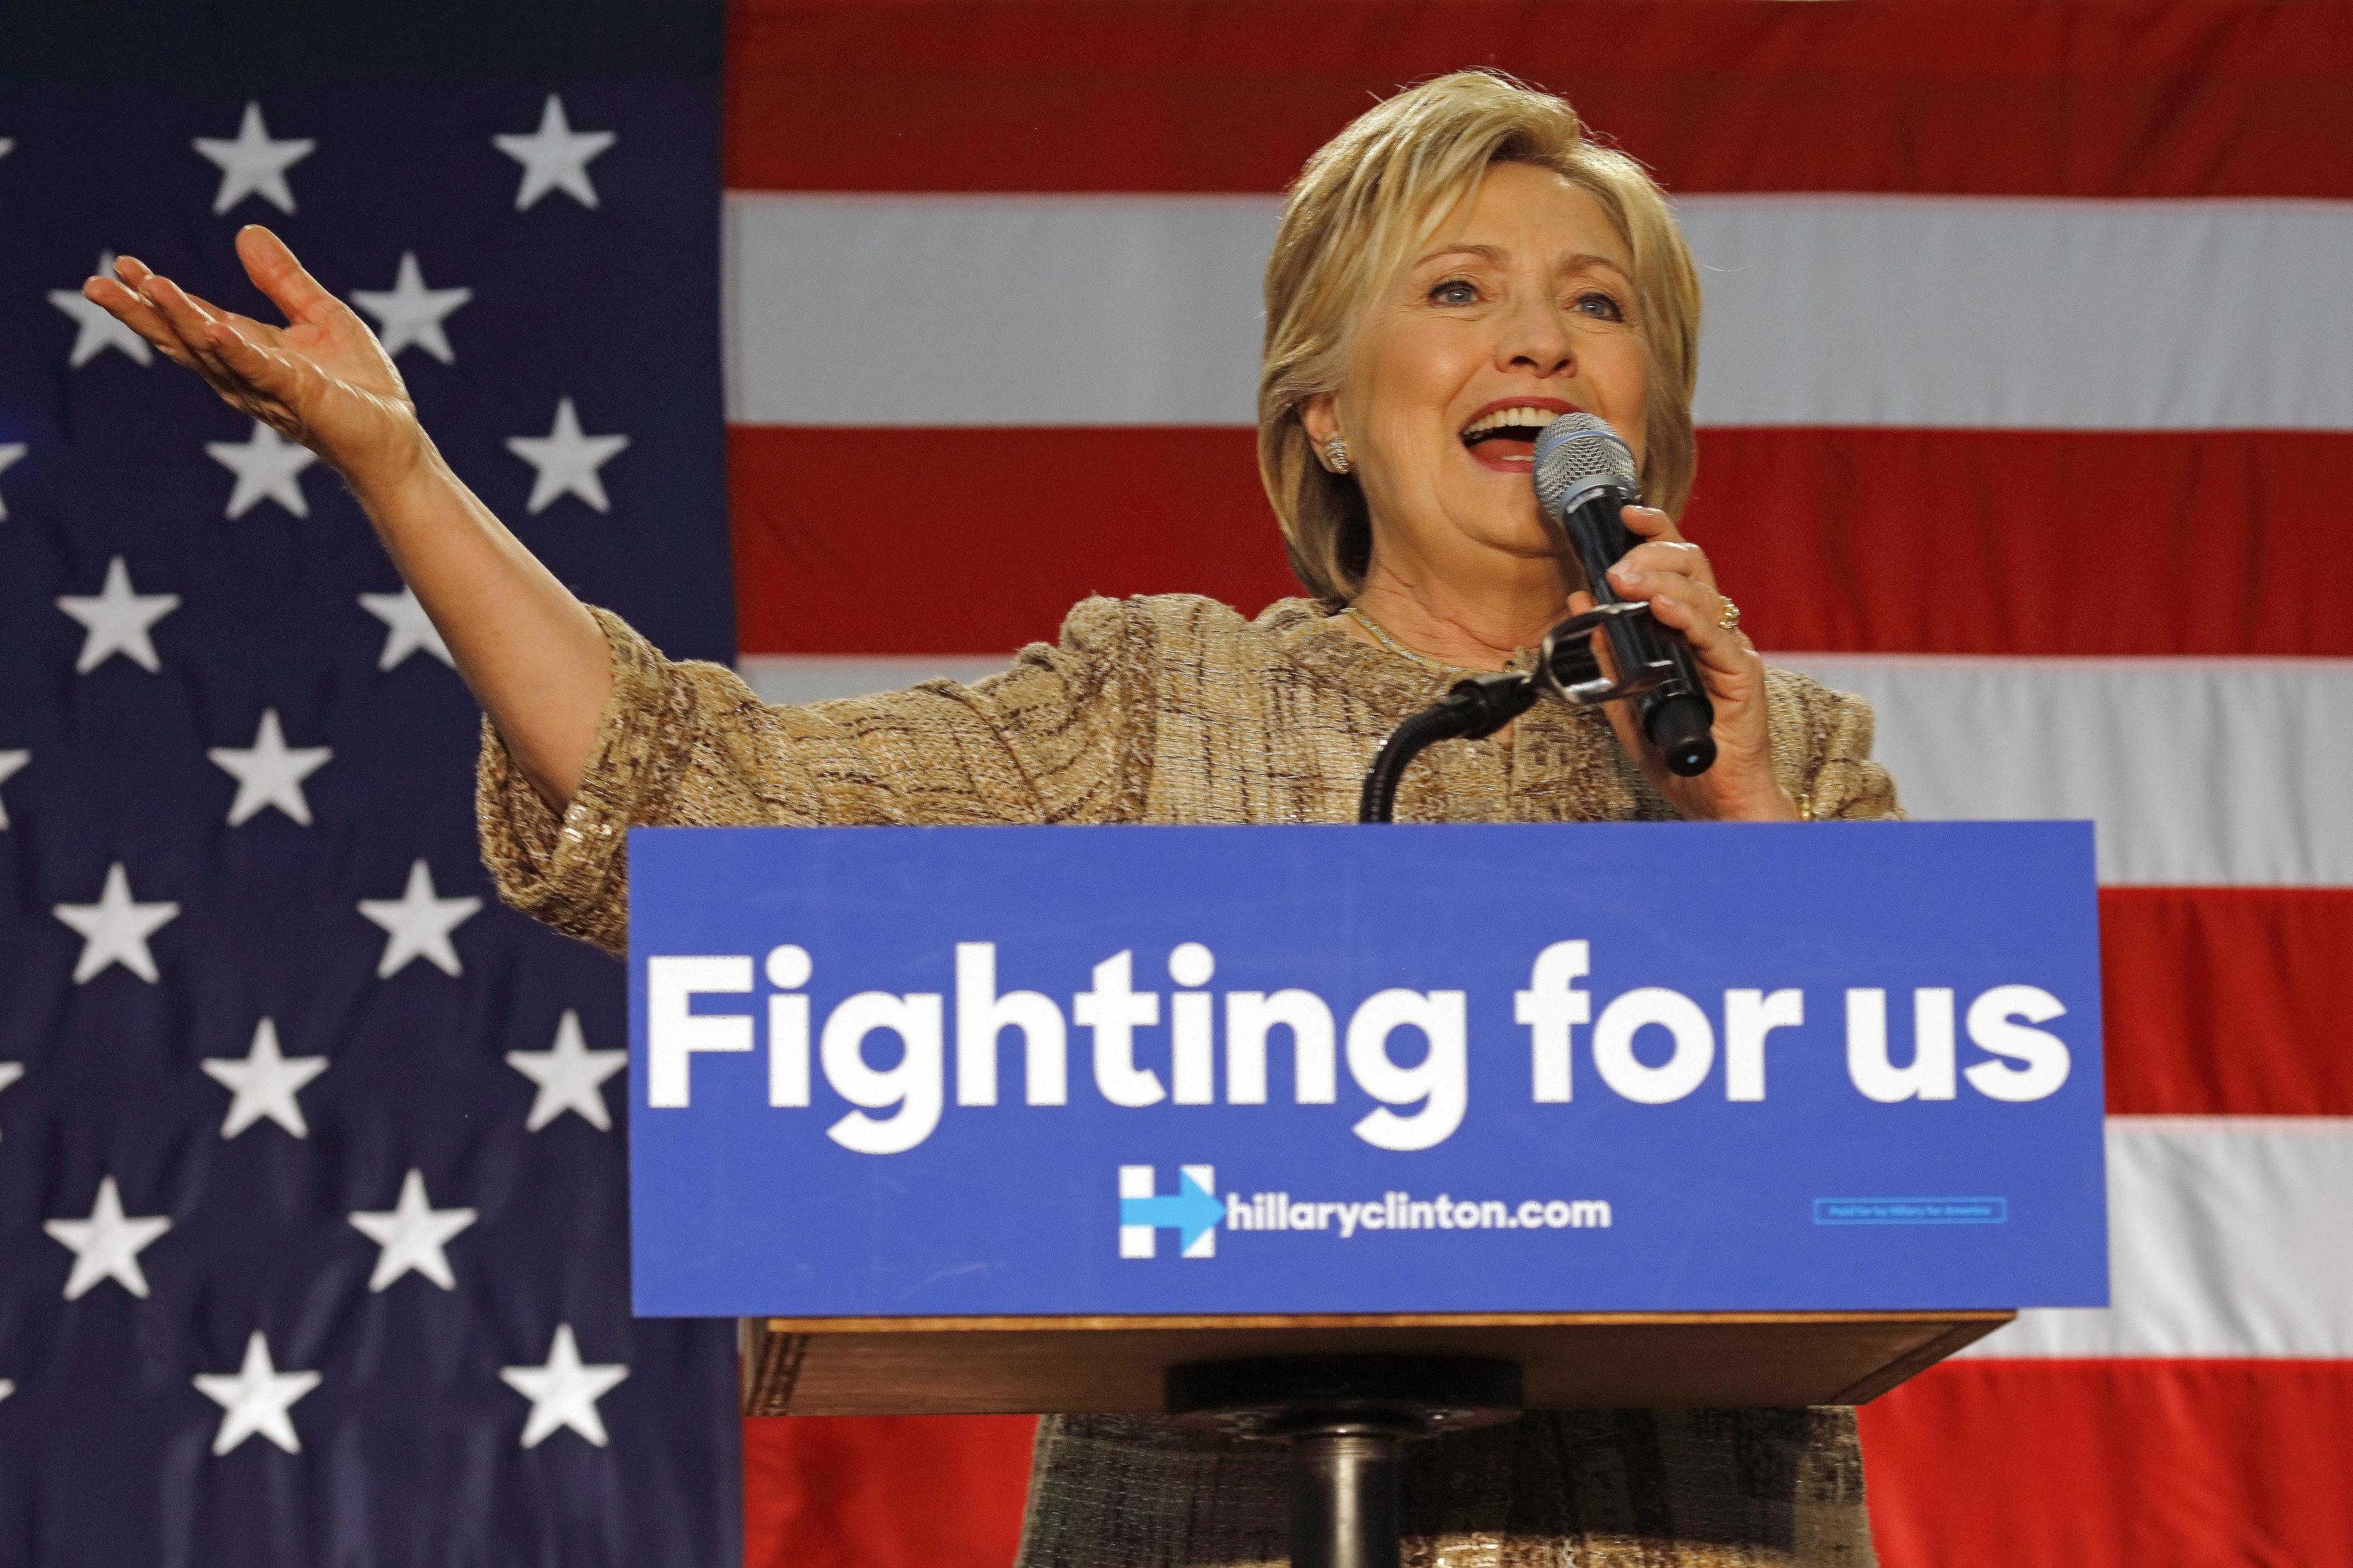 Clinton fbi maste forklara vad som galler